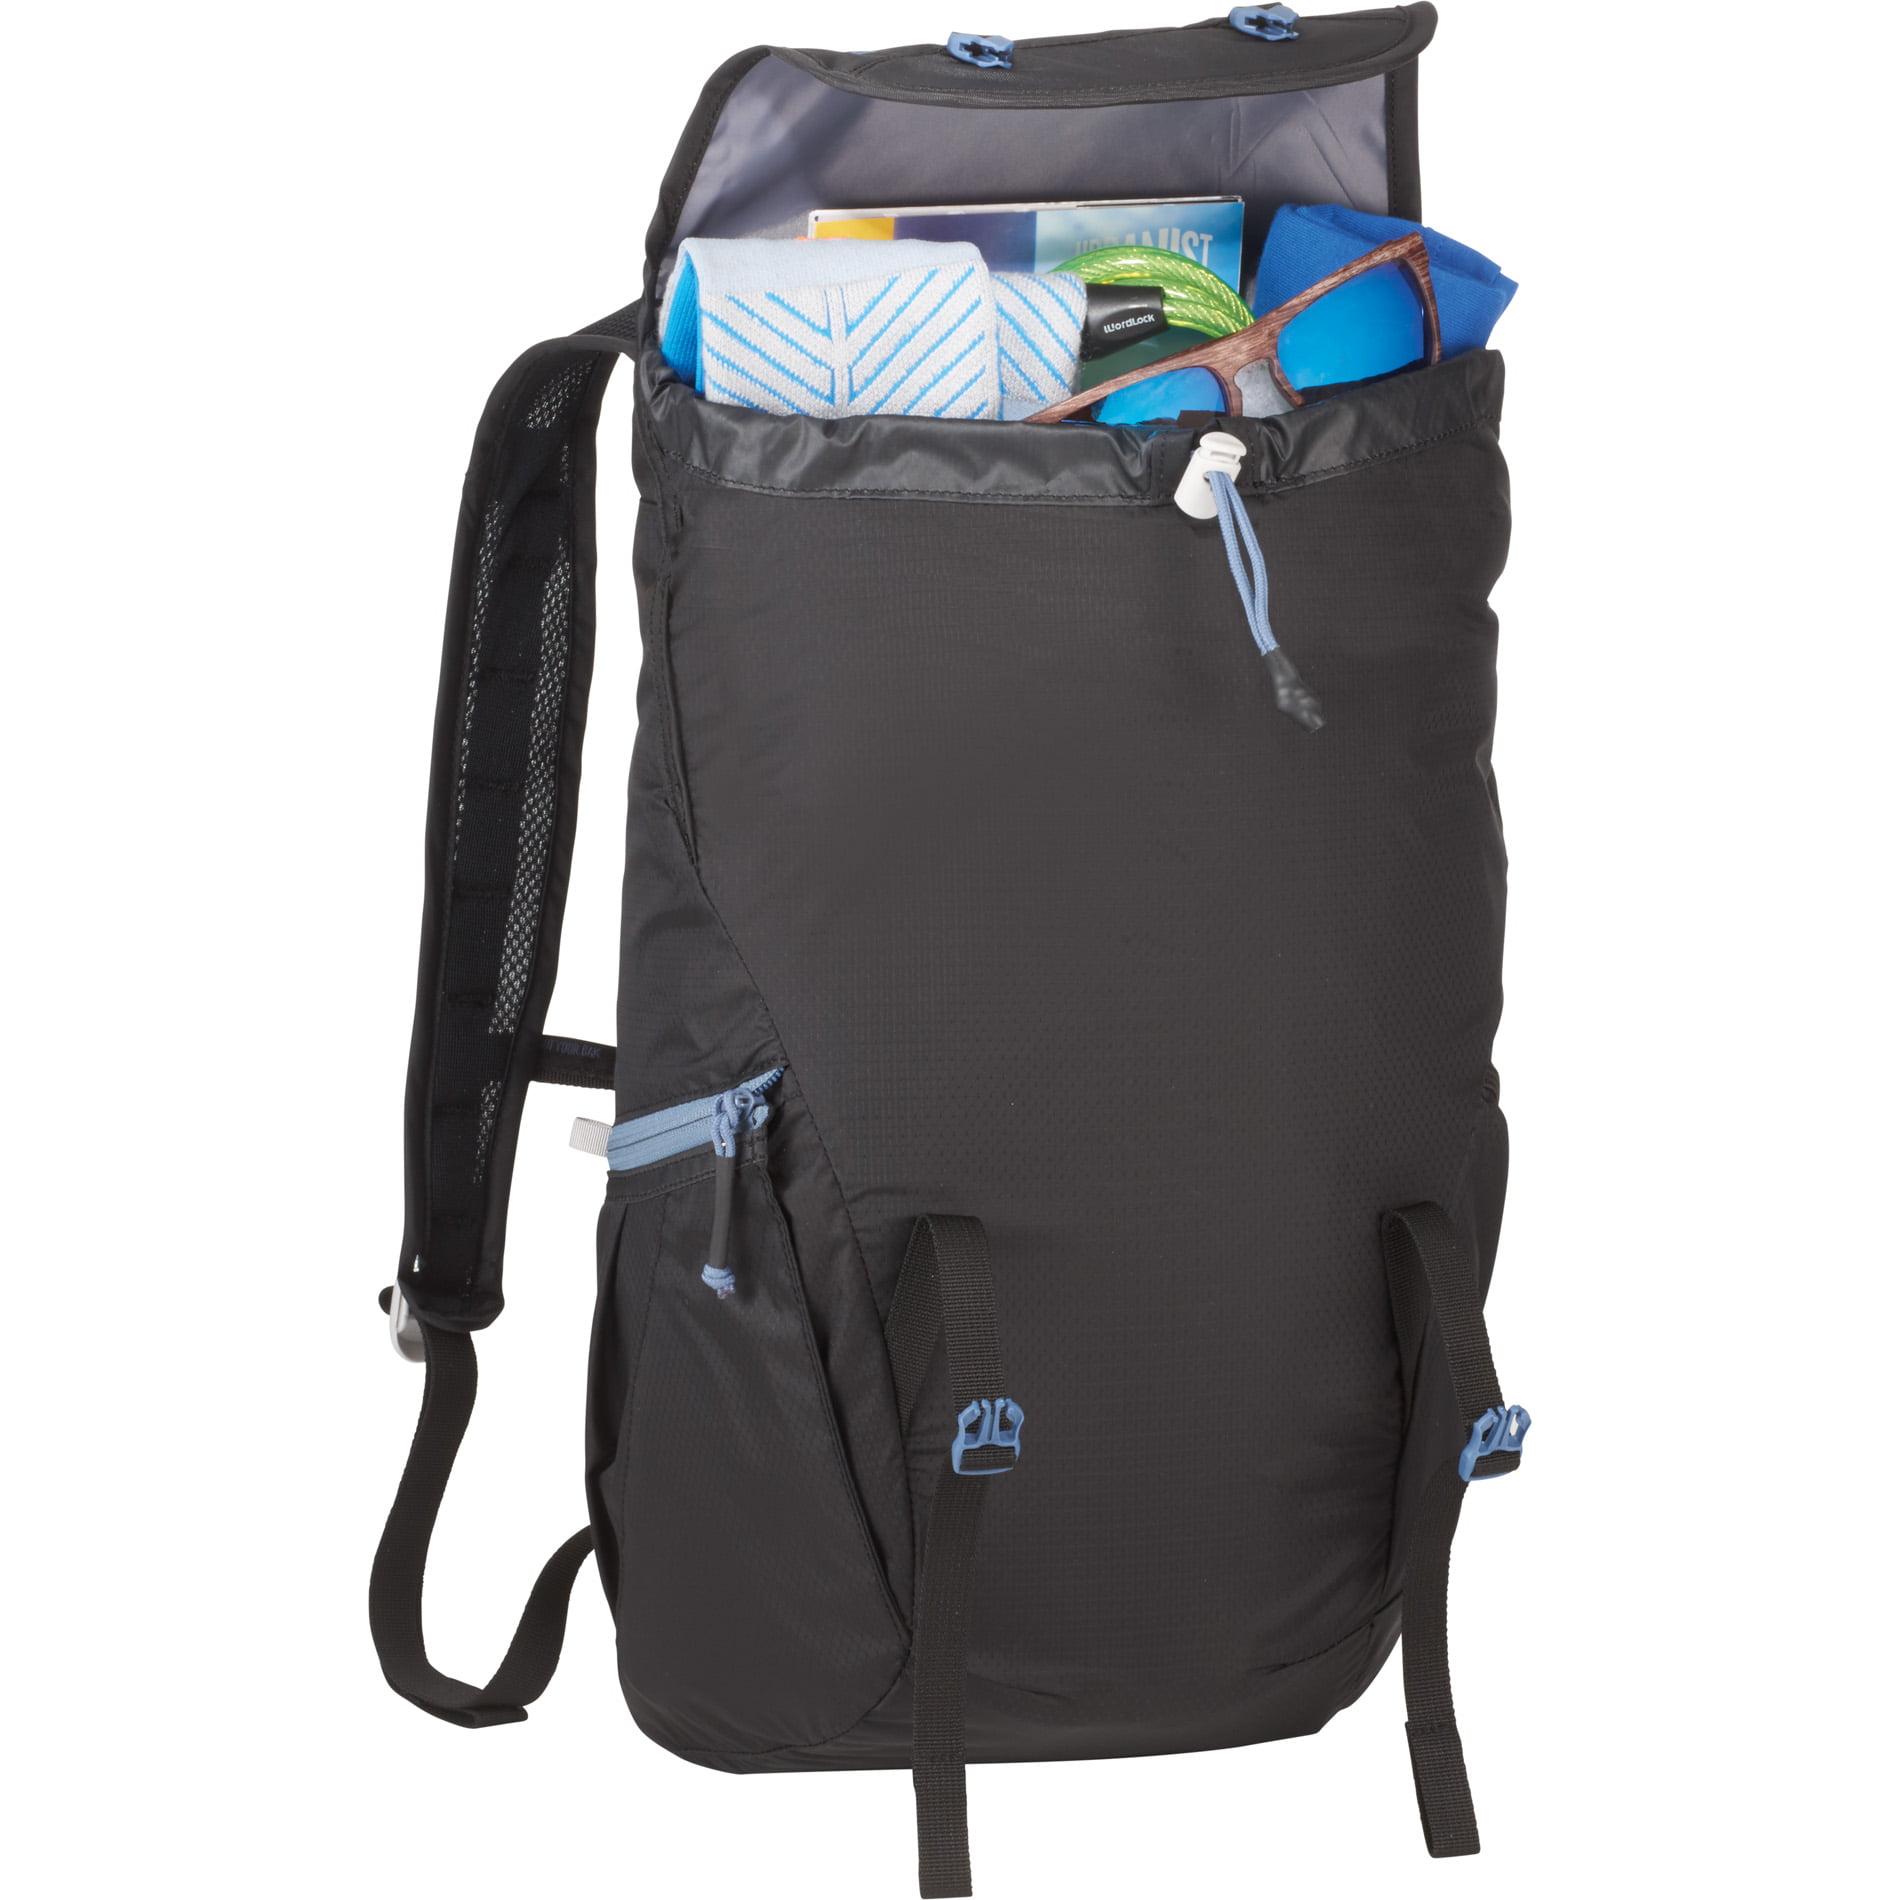 CamelBak Arete 18L Backpack